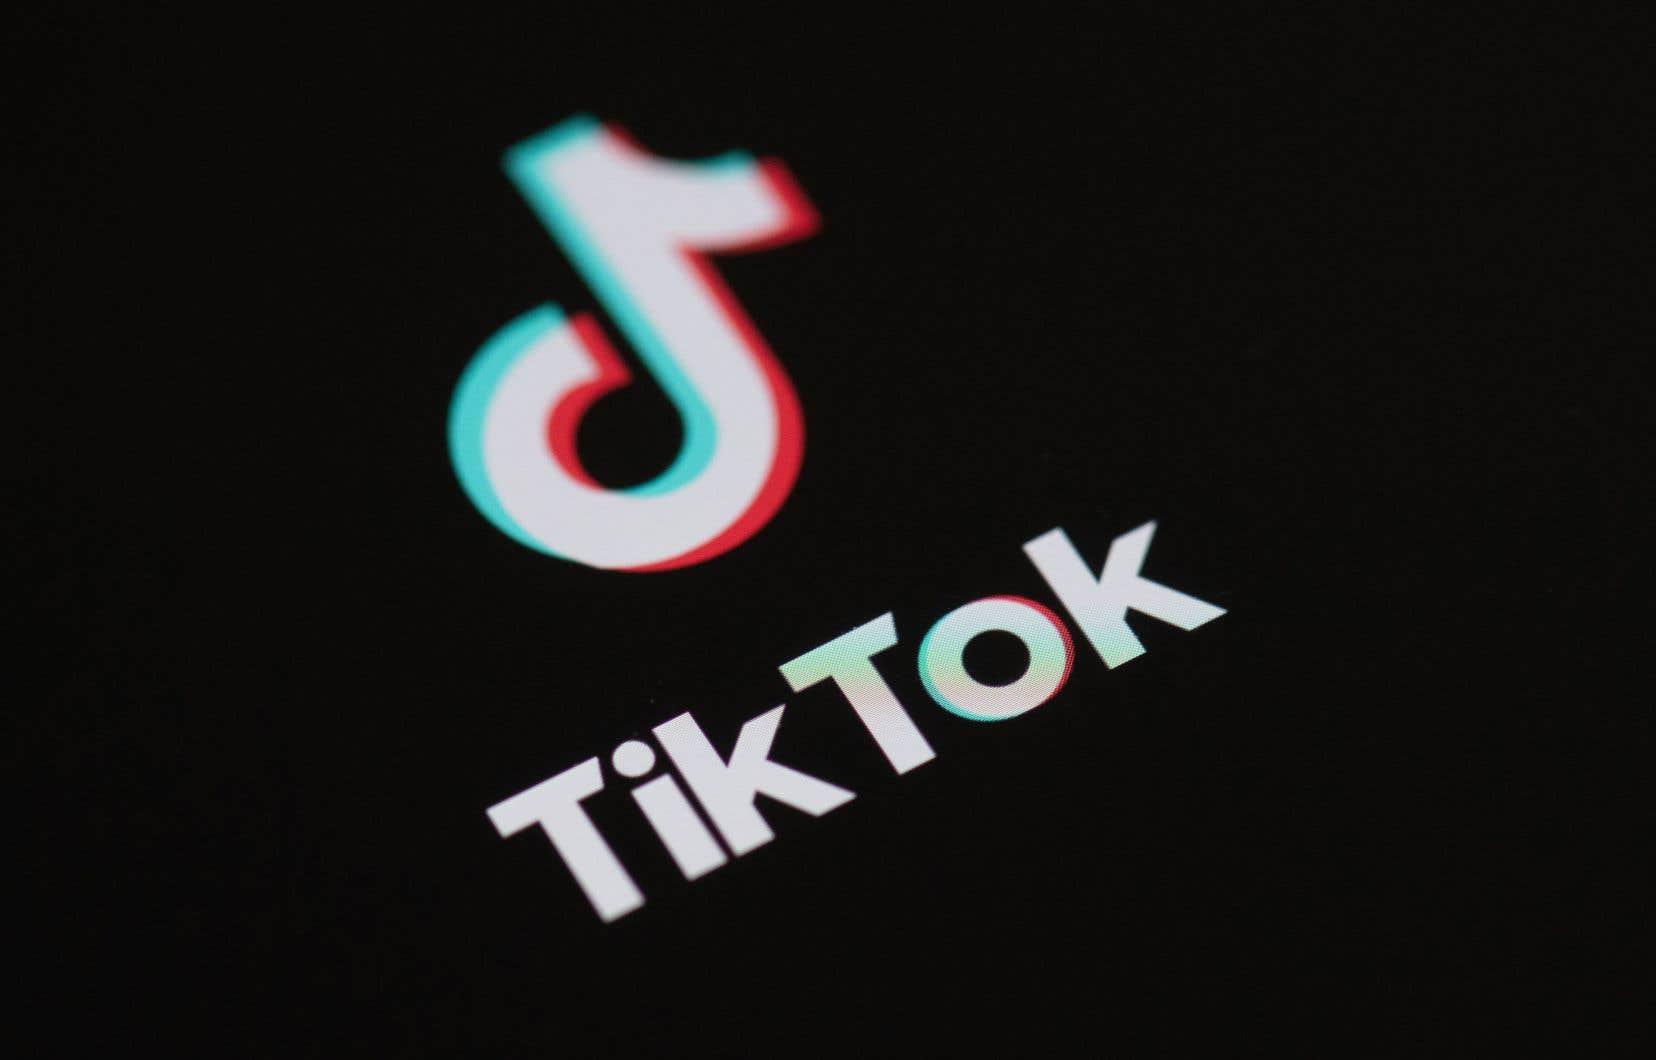 Le réseau social TikTok, qui appartient au groupe chinois ByteDance, compte près d'un milliard d'utilisateurs dans le monde.